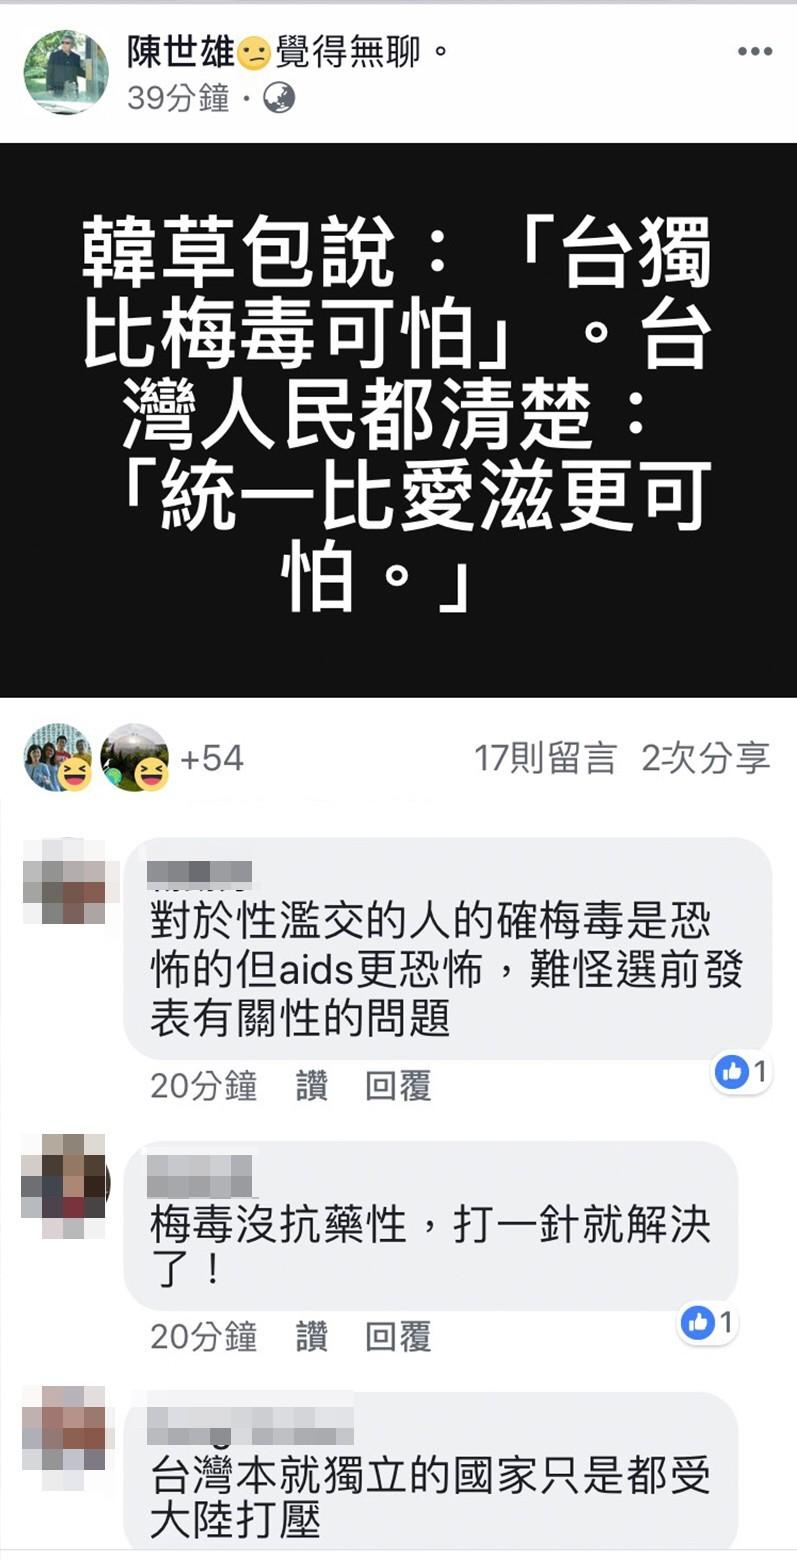 韓國瑜「台獨比梅毒可怕」 前大學校長批「統一比愛滋可怕」